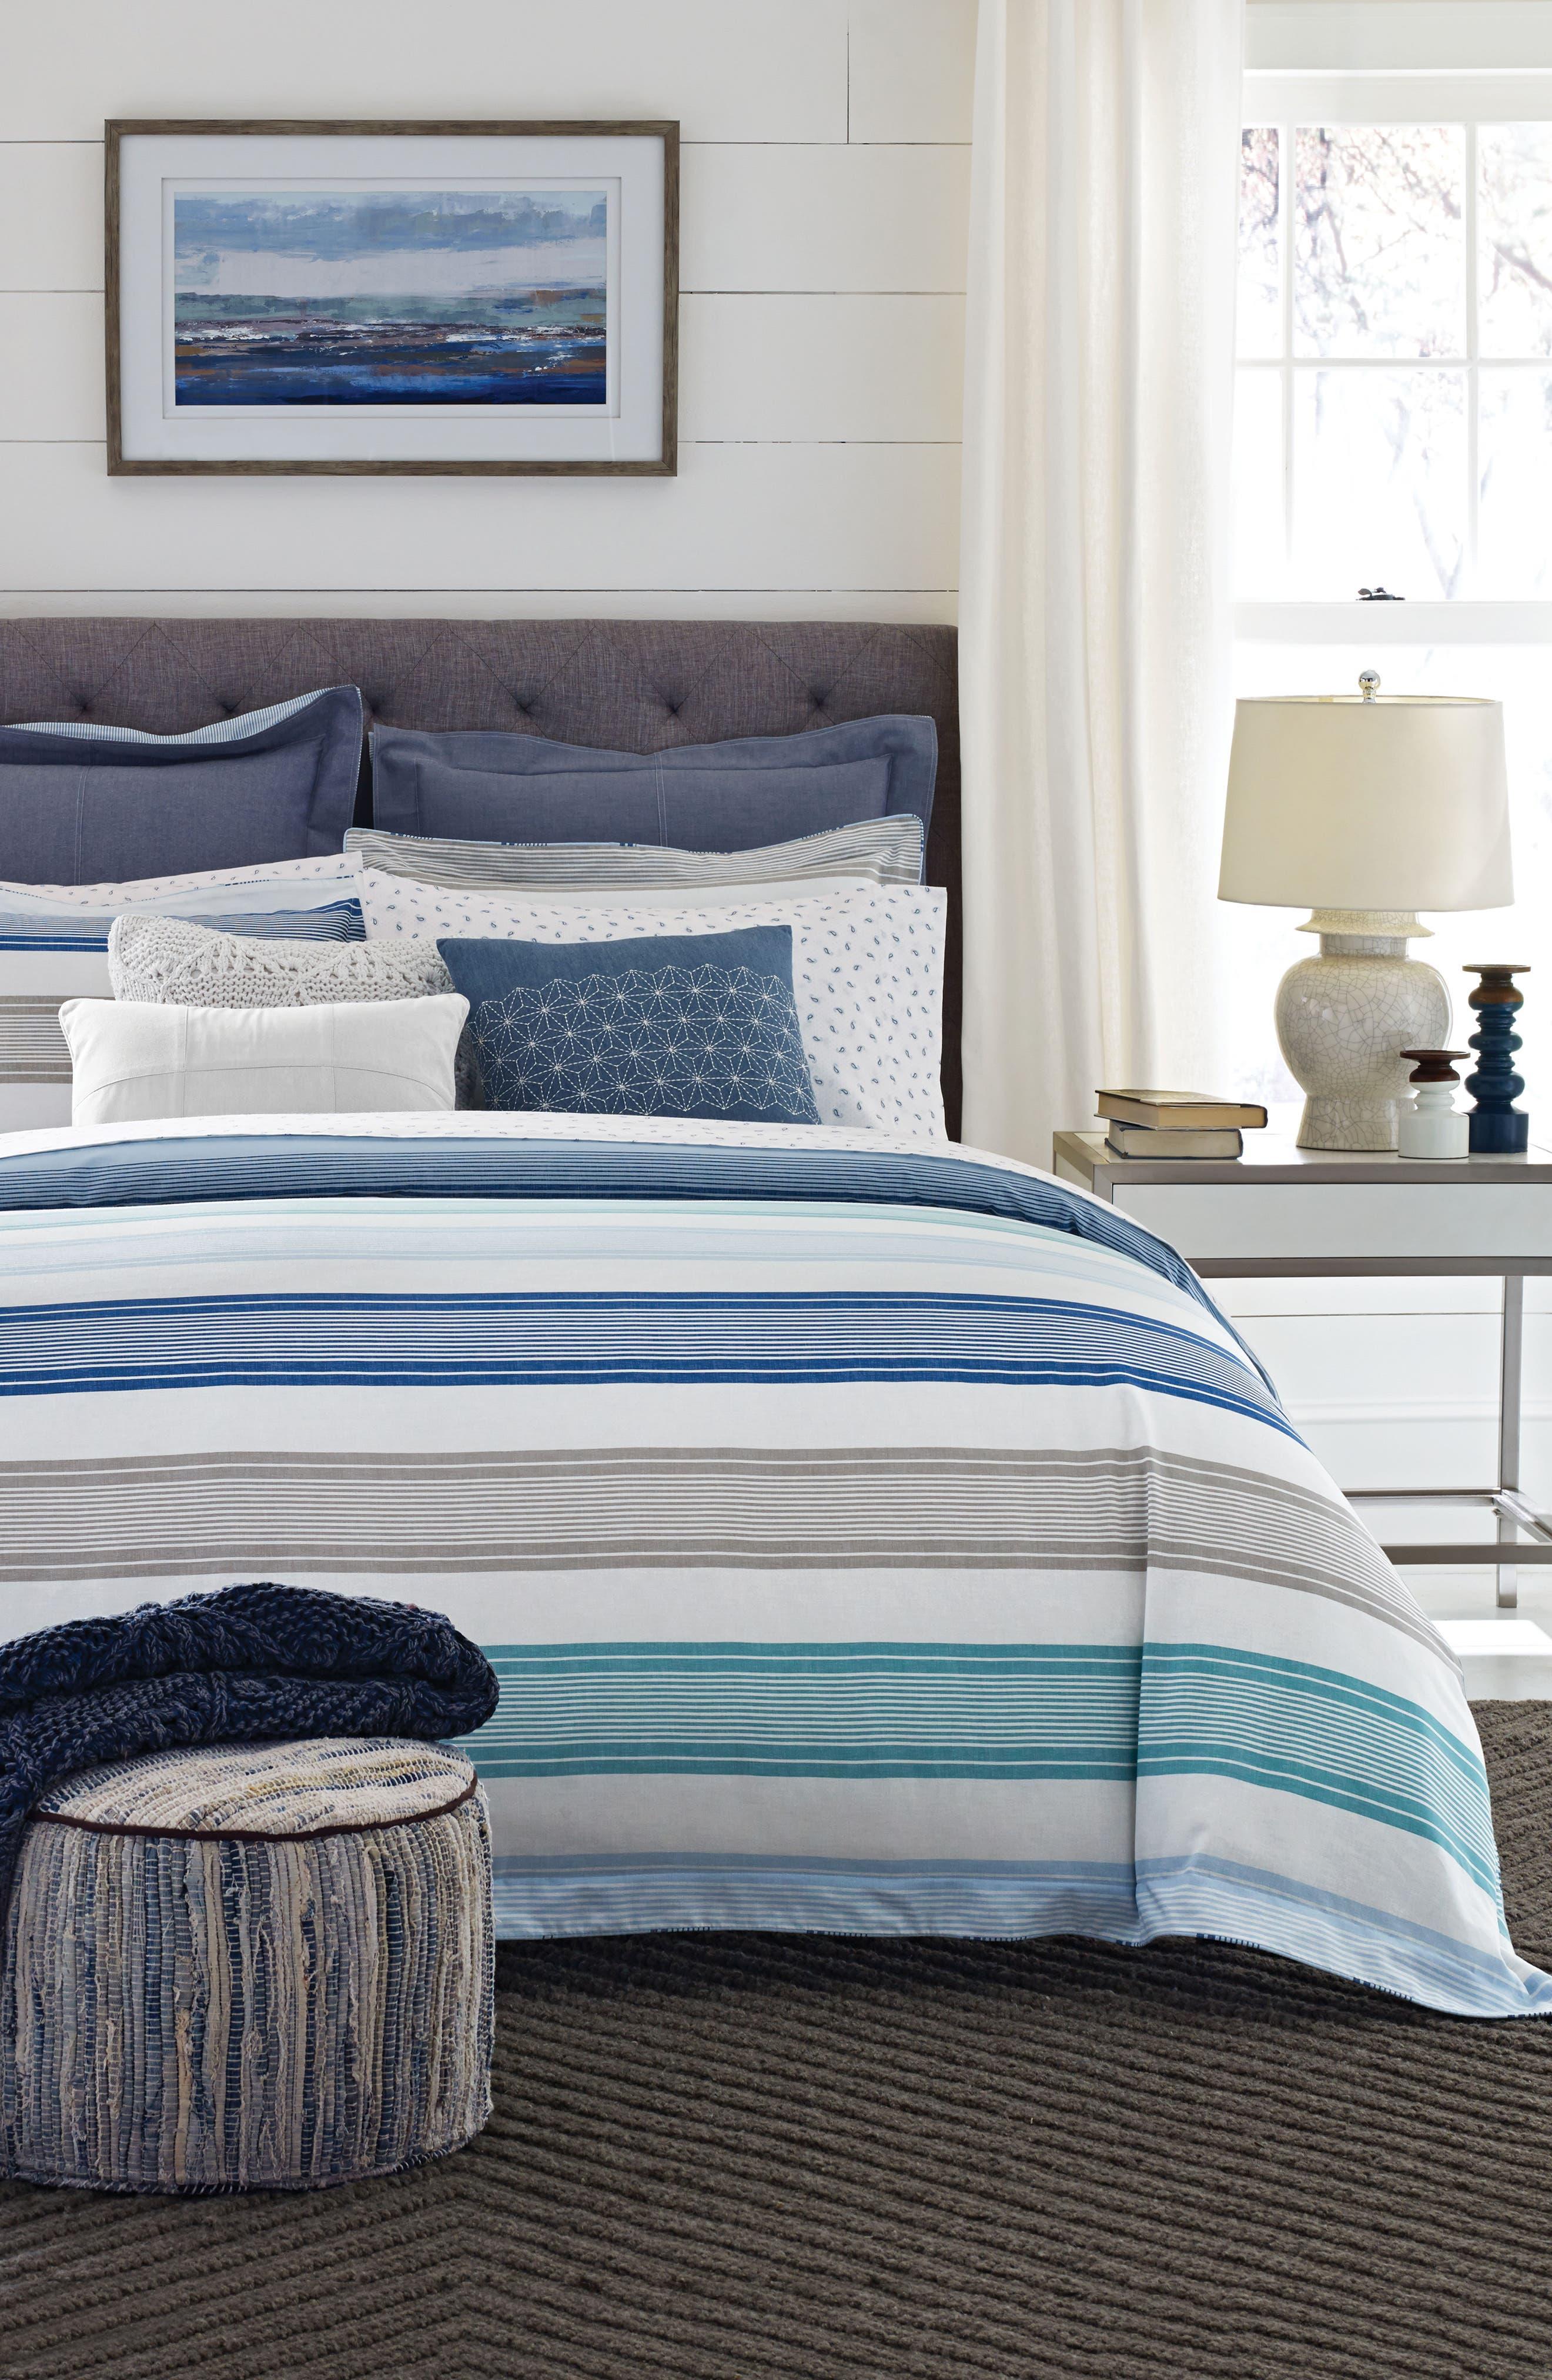 TOMMY HILFIGER Westbourne Stripe Comforter & Sham Set, Main, color, 400